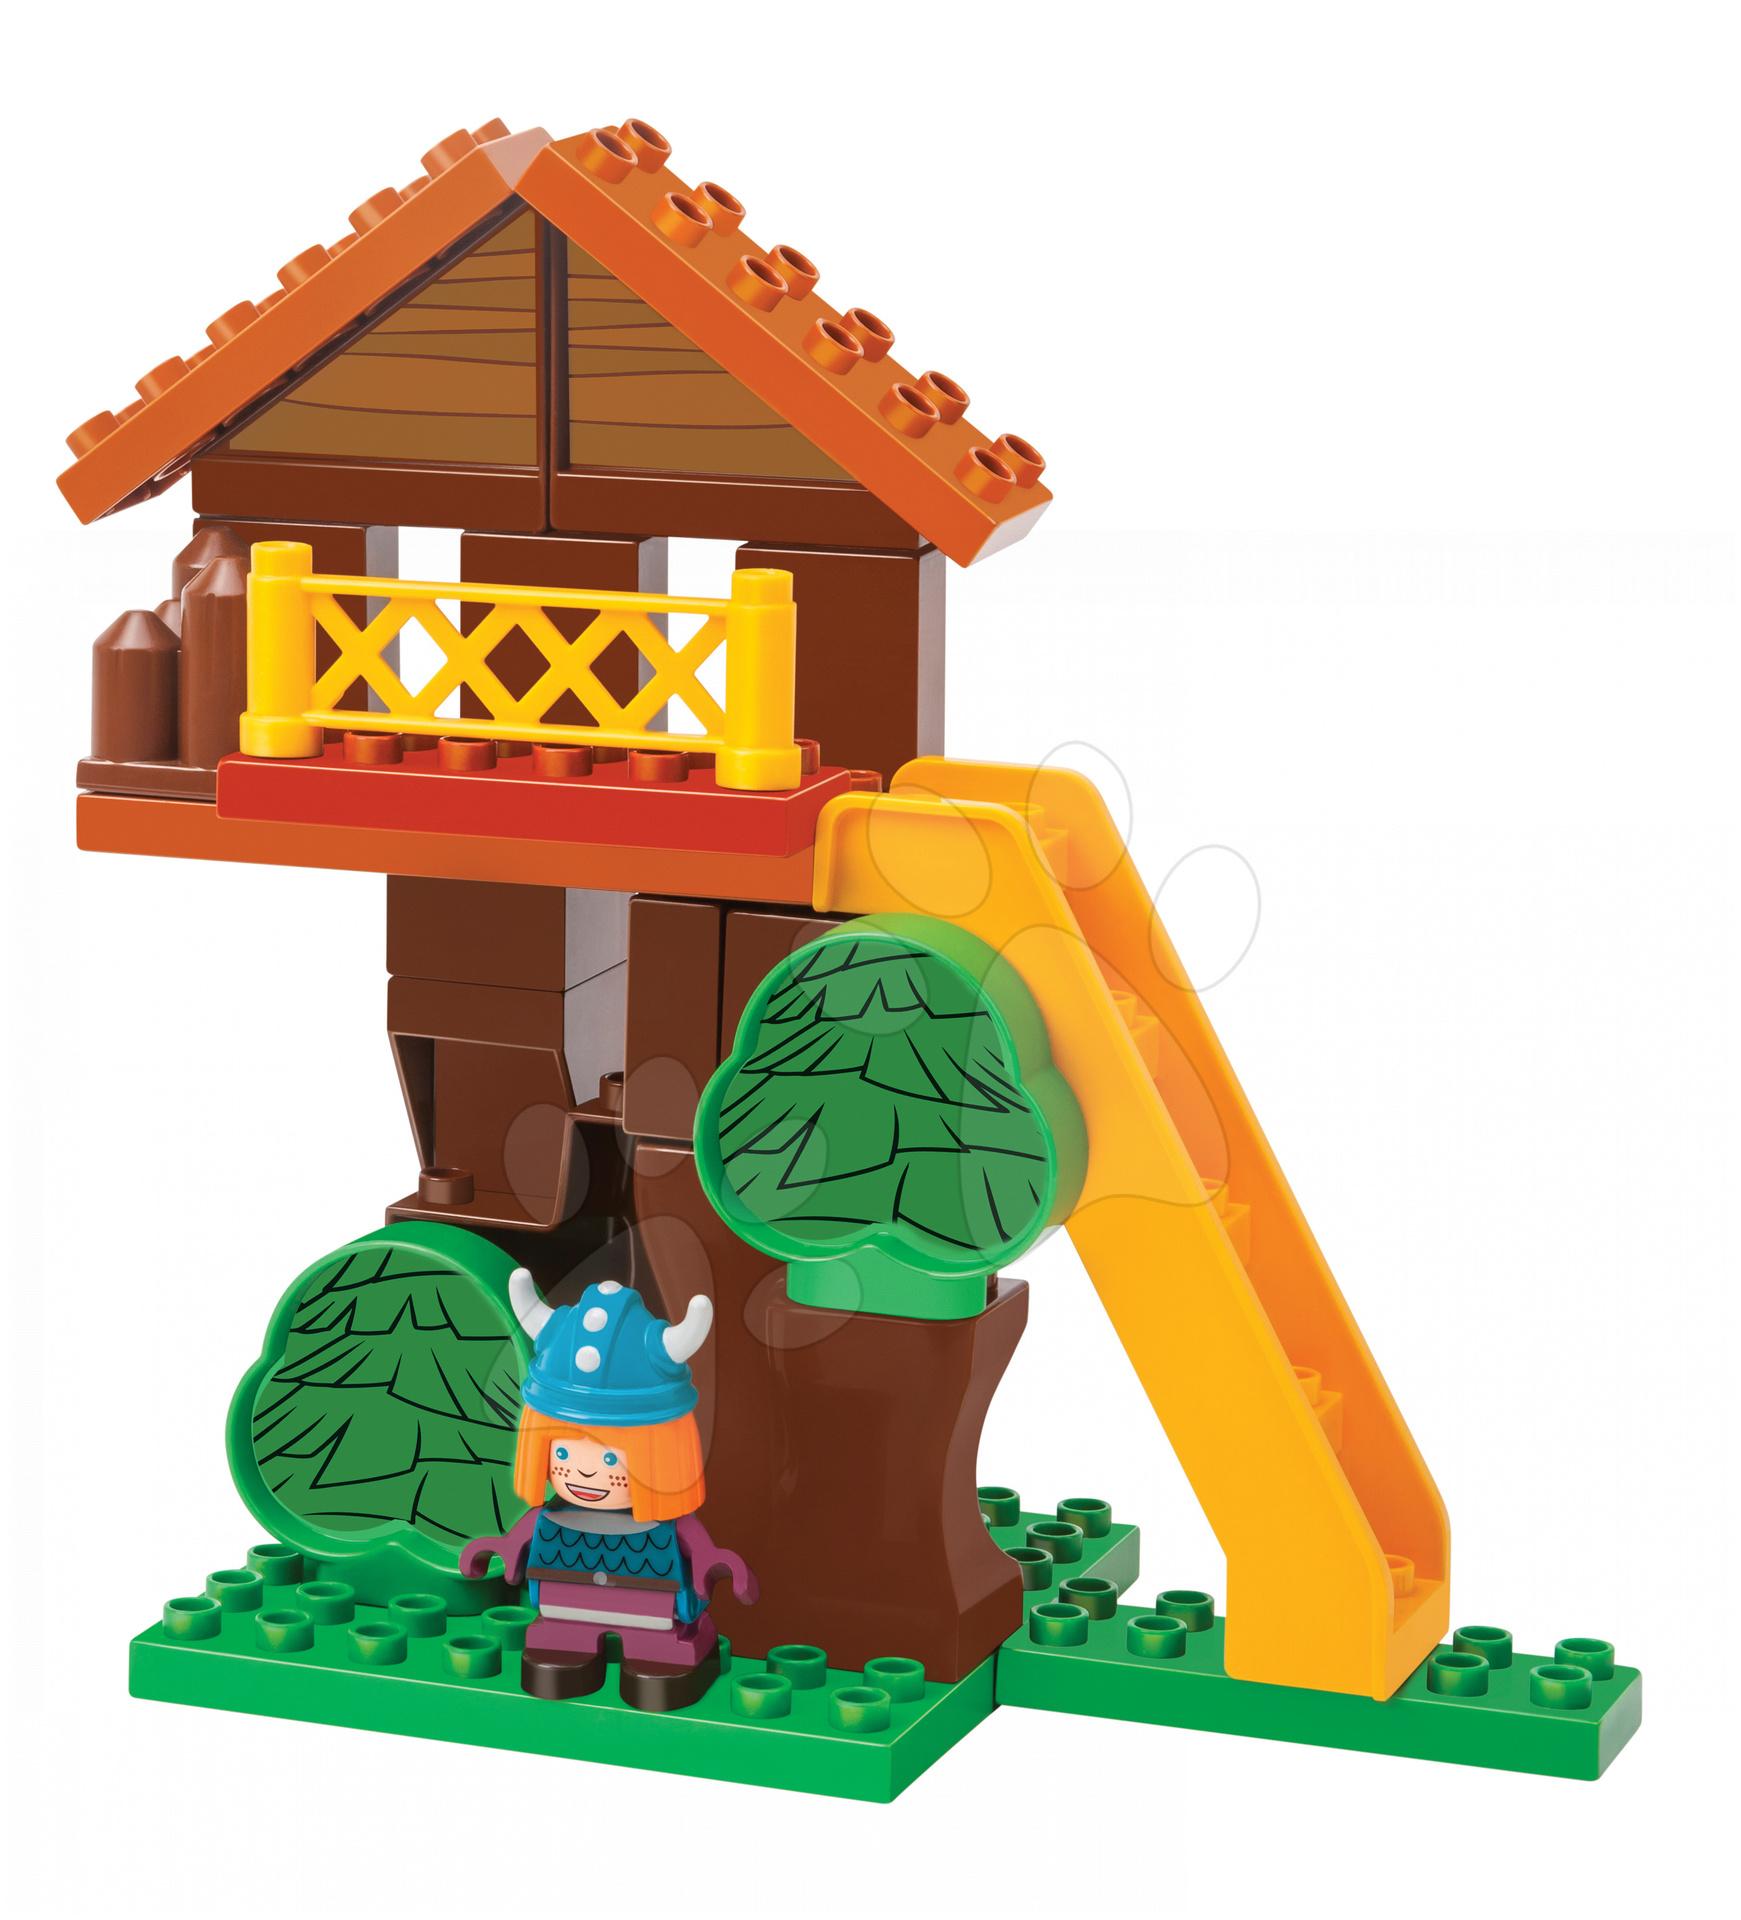 Nezaradené - Stavebnica PlayBIG Bloxx BIG Wickie dom na ostrove s 1 figúrkou 24 kusov od 1,5 - 5 rokov